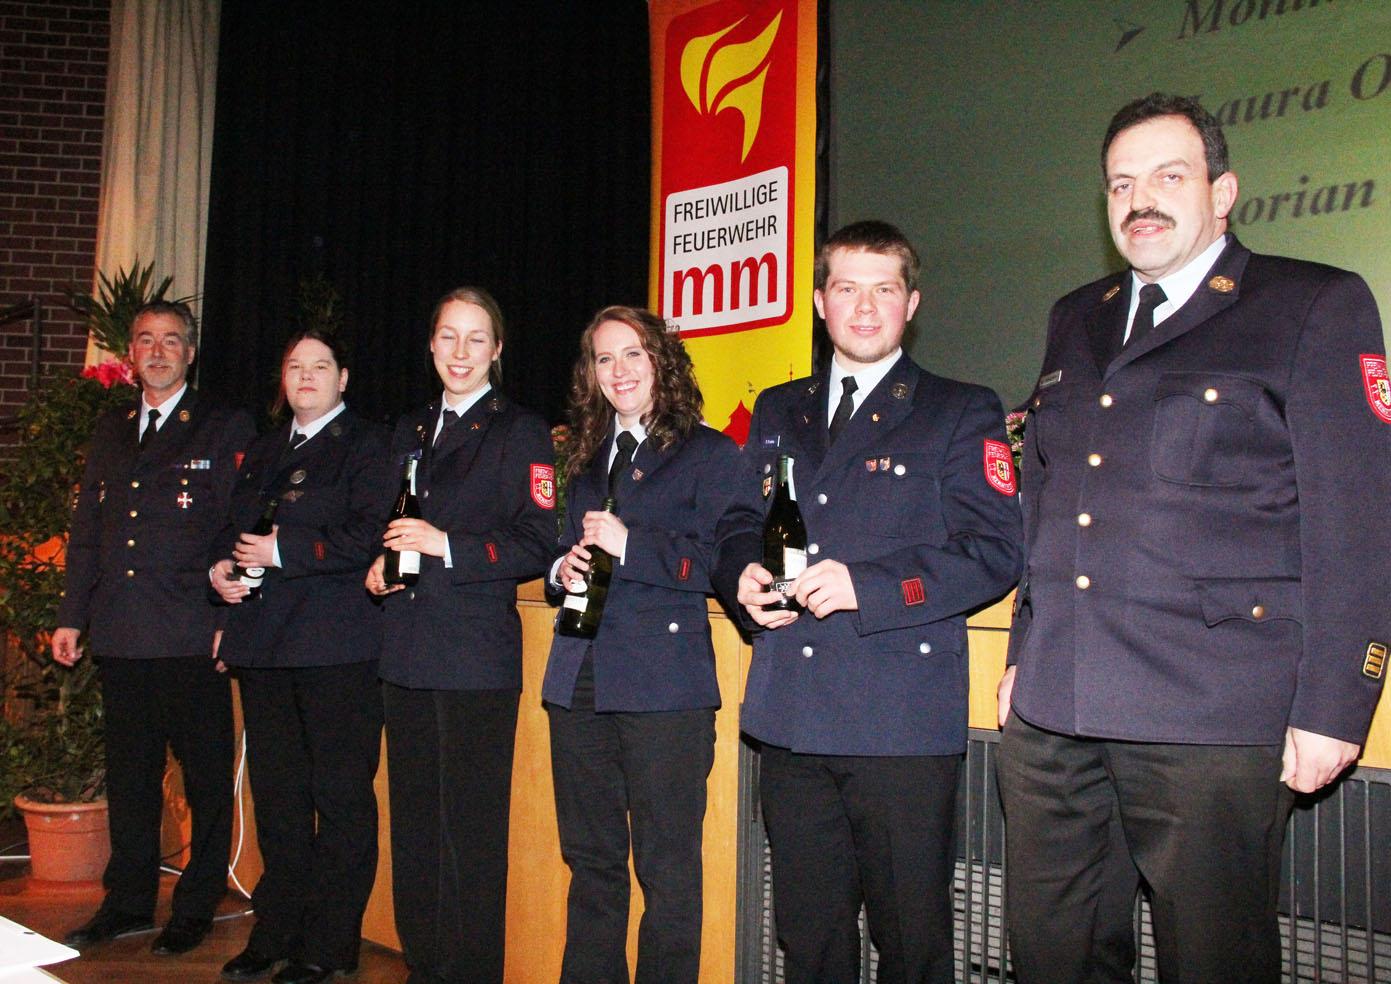 01-03-2013 Feuerwehr-Memmingen jahreshauptversammlung 2013 poeppel new-facts-eu20130301 0046